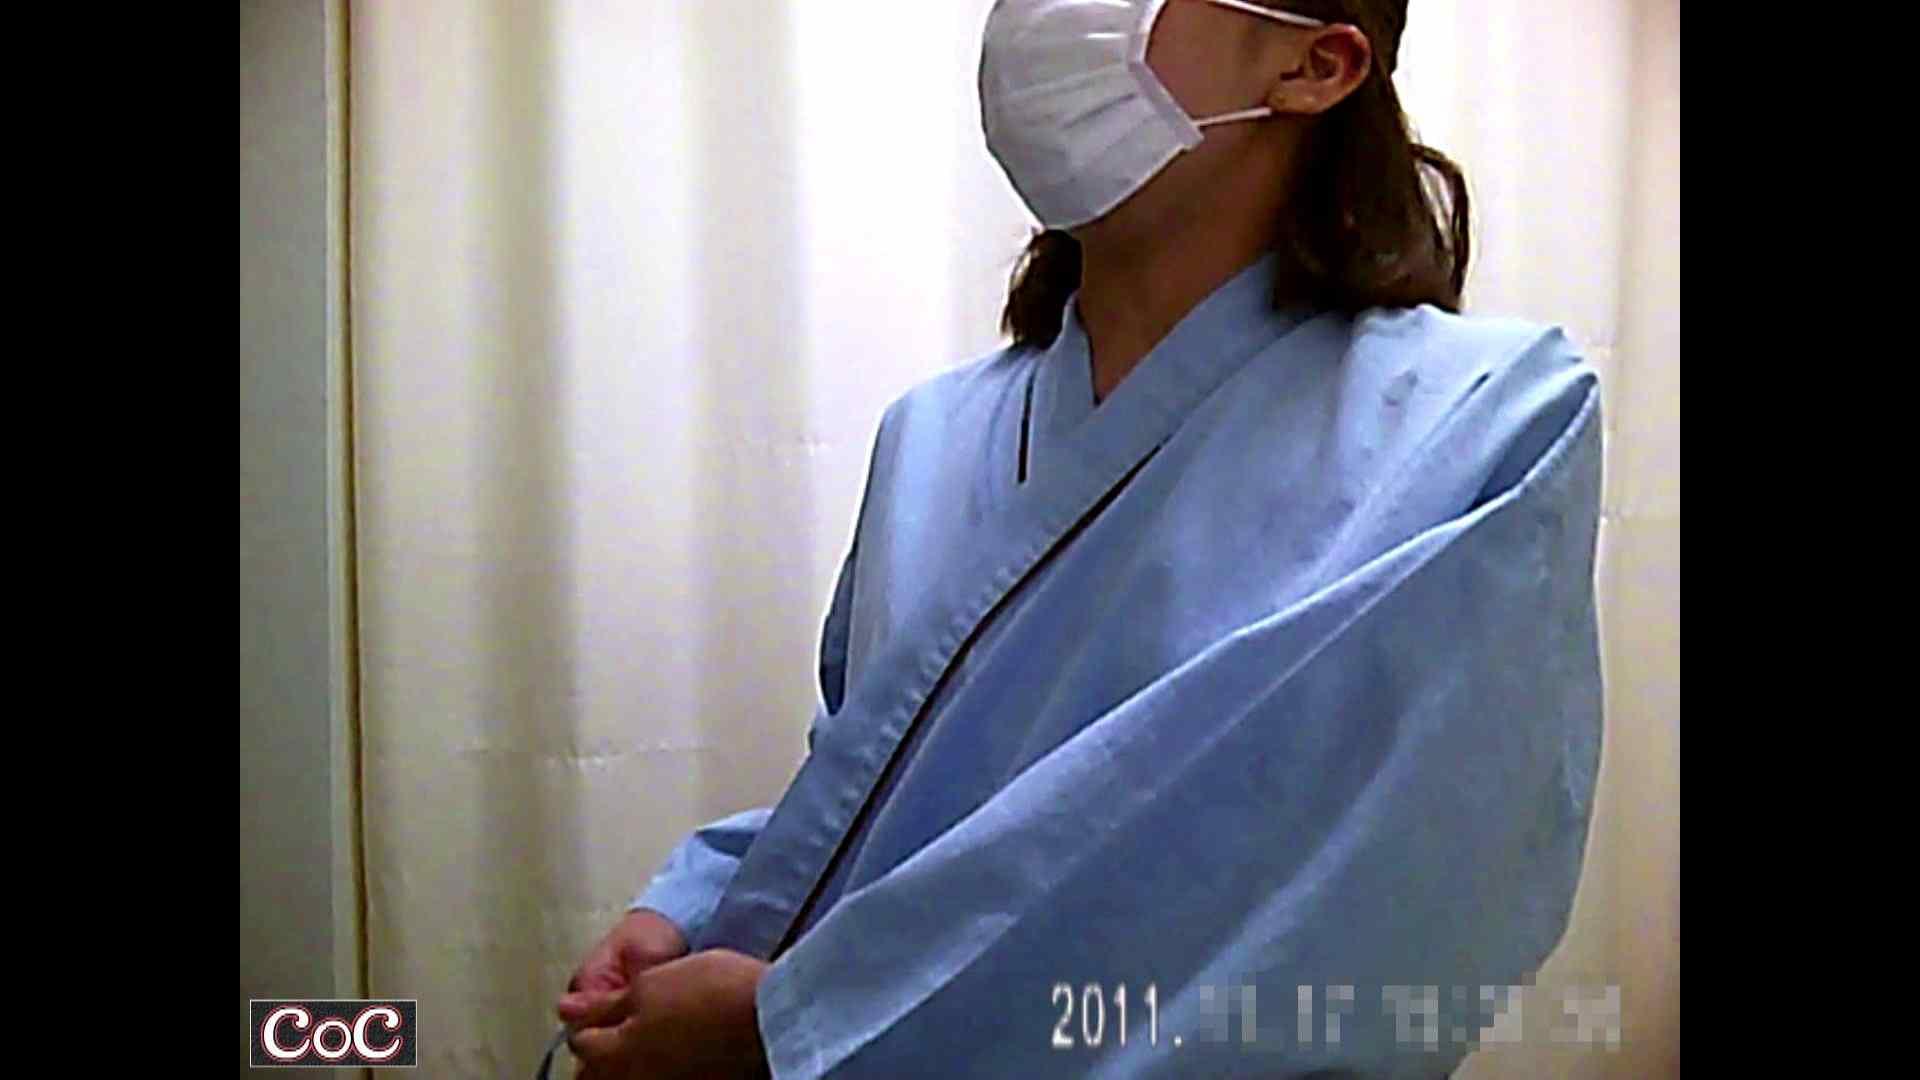 病院おもいっきり着替え! vol.96 OLエロ画像  89PICs 70